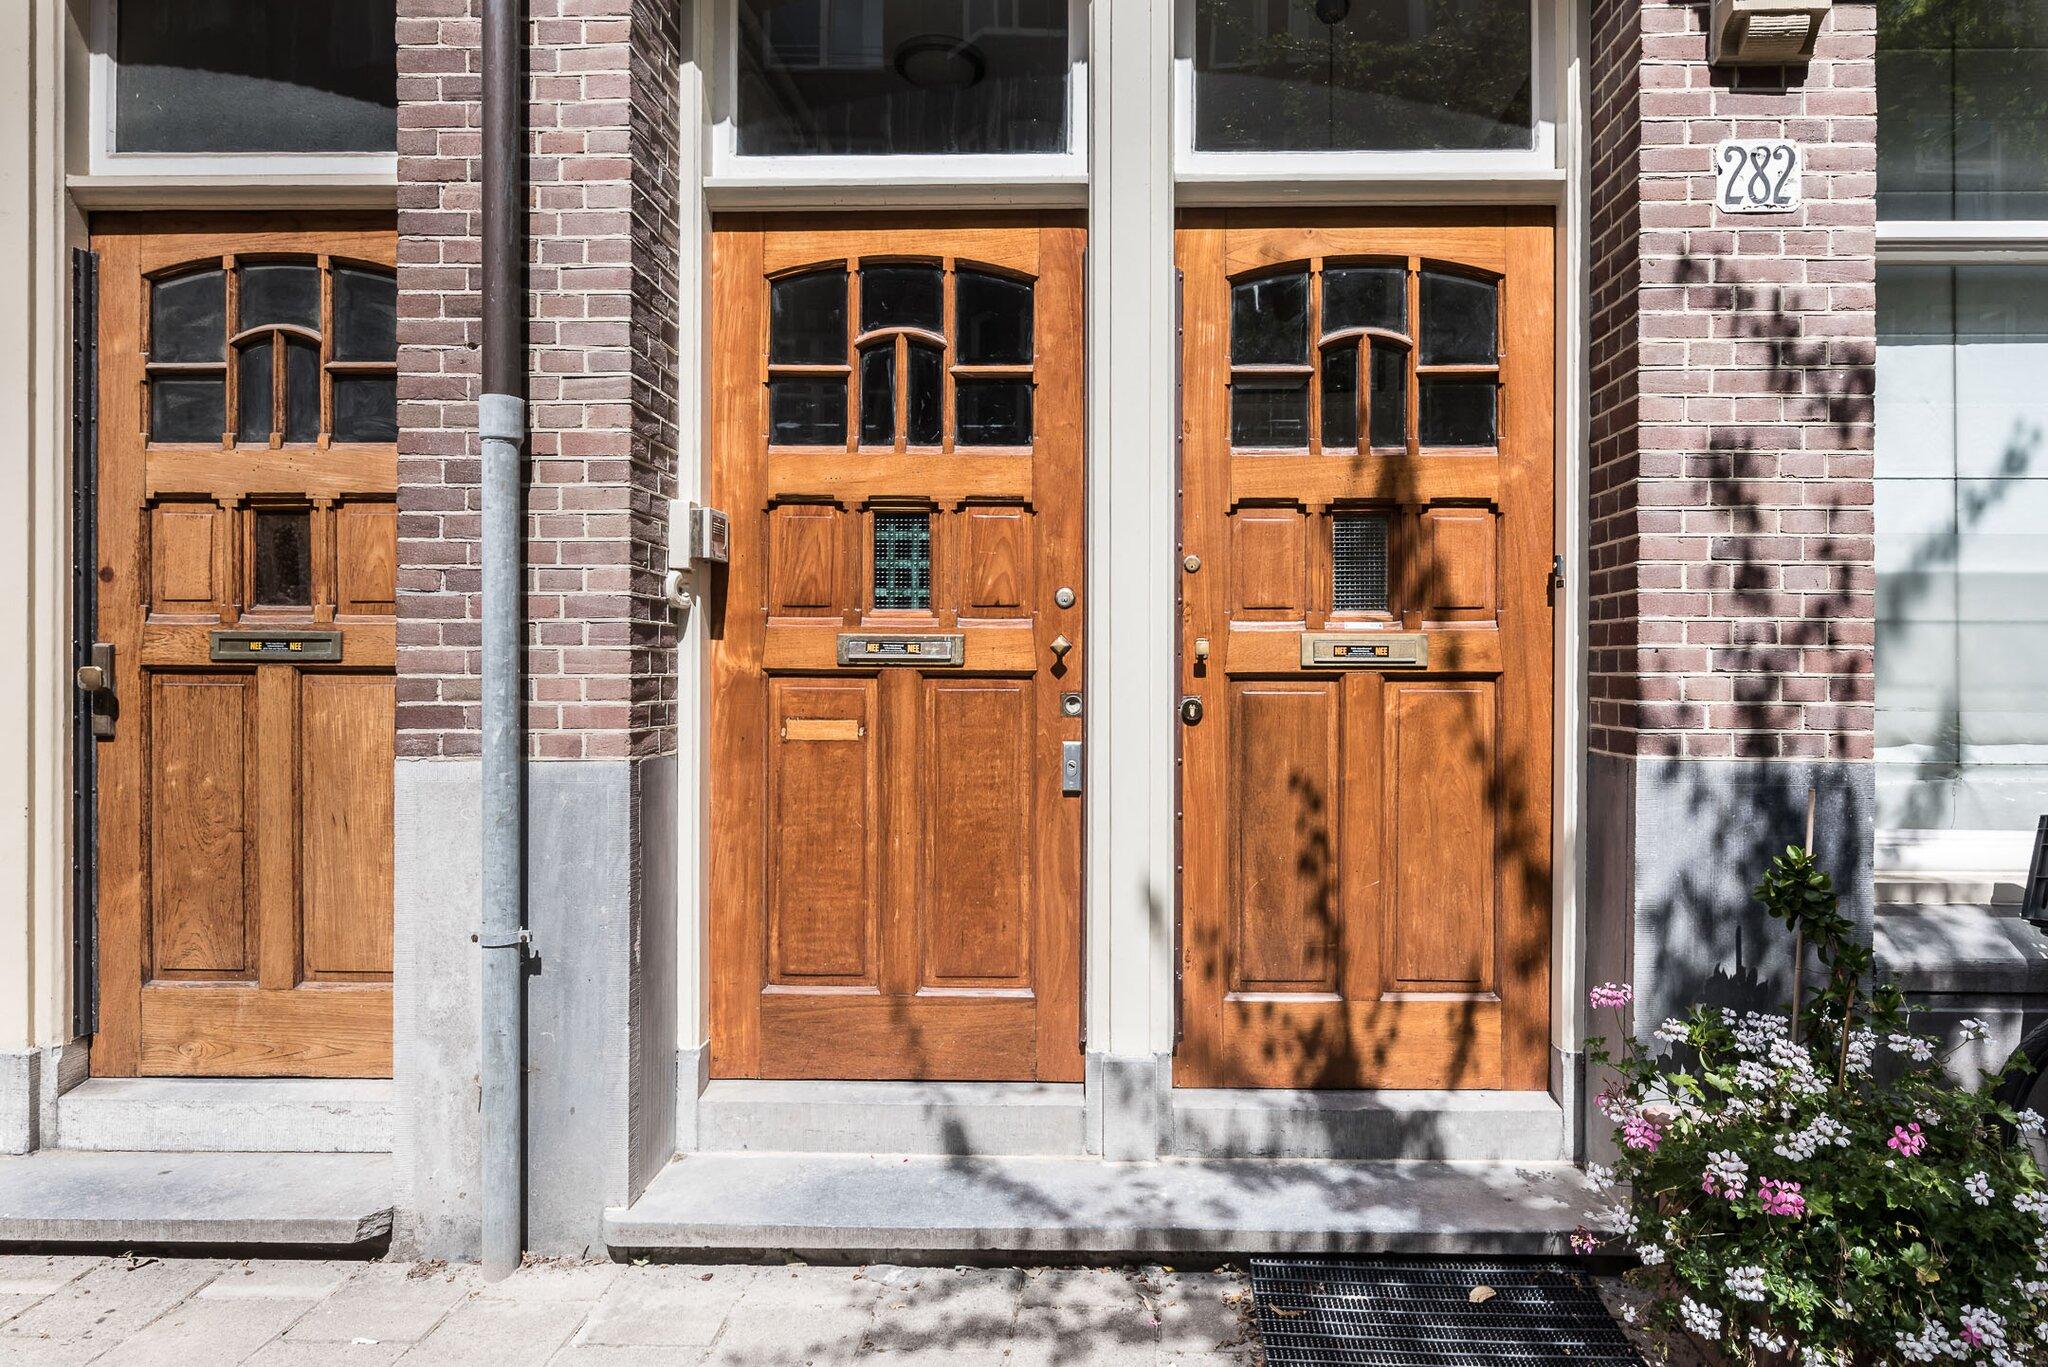 Amsterdam – Valeriusstraat 282II – Foto 26